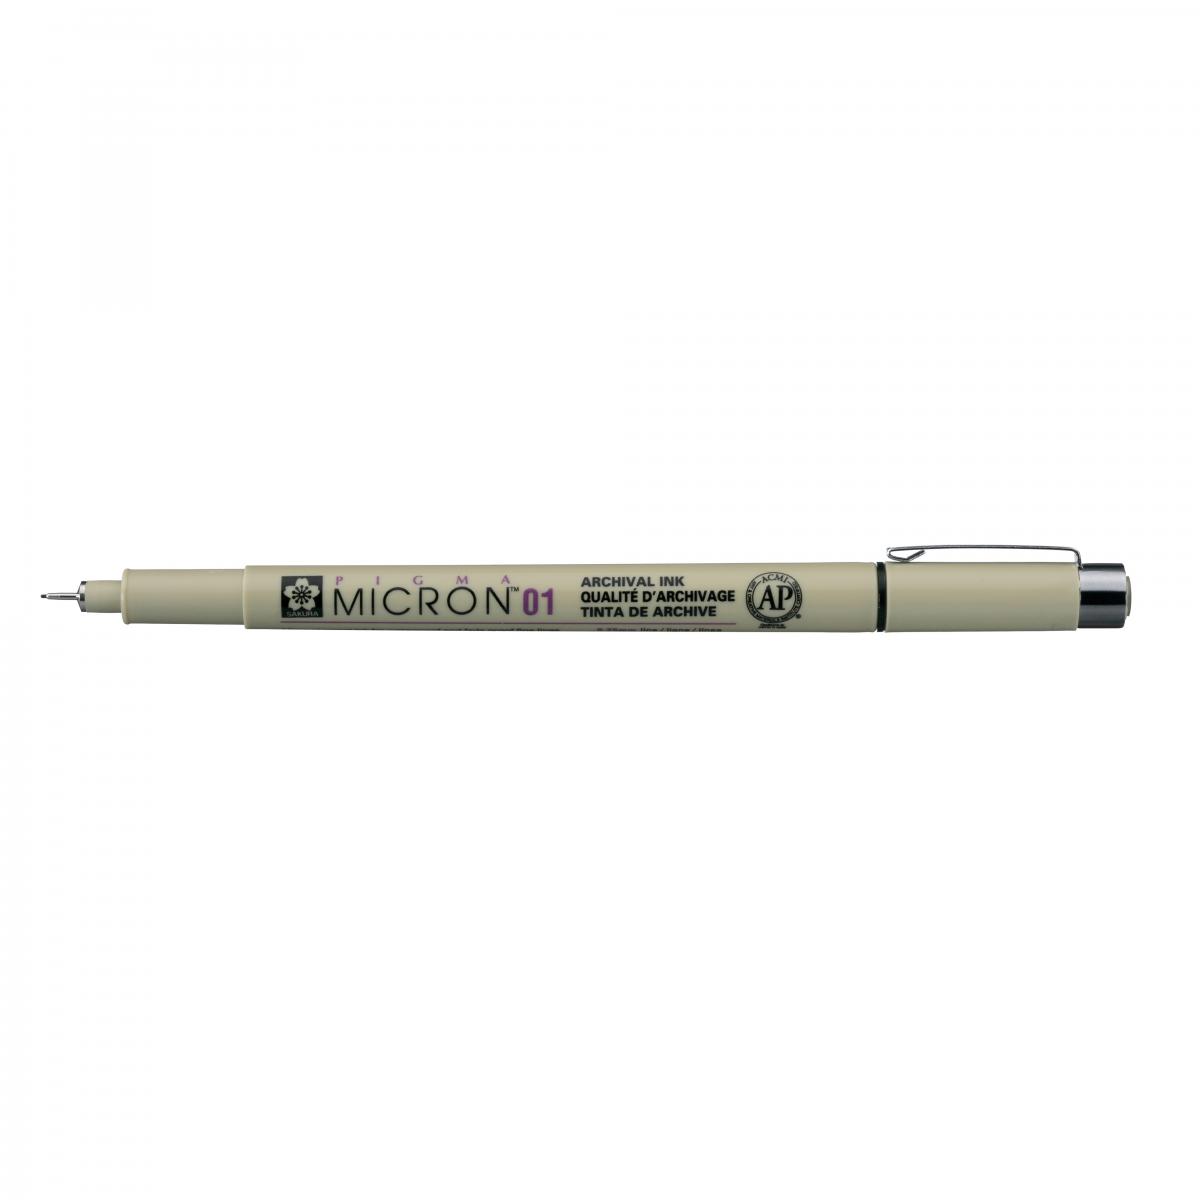 MICRON PIGMA 01 SAKURA